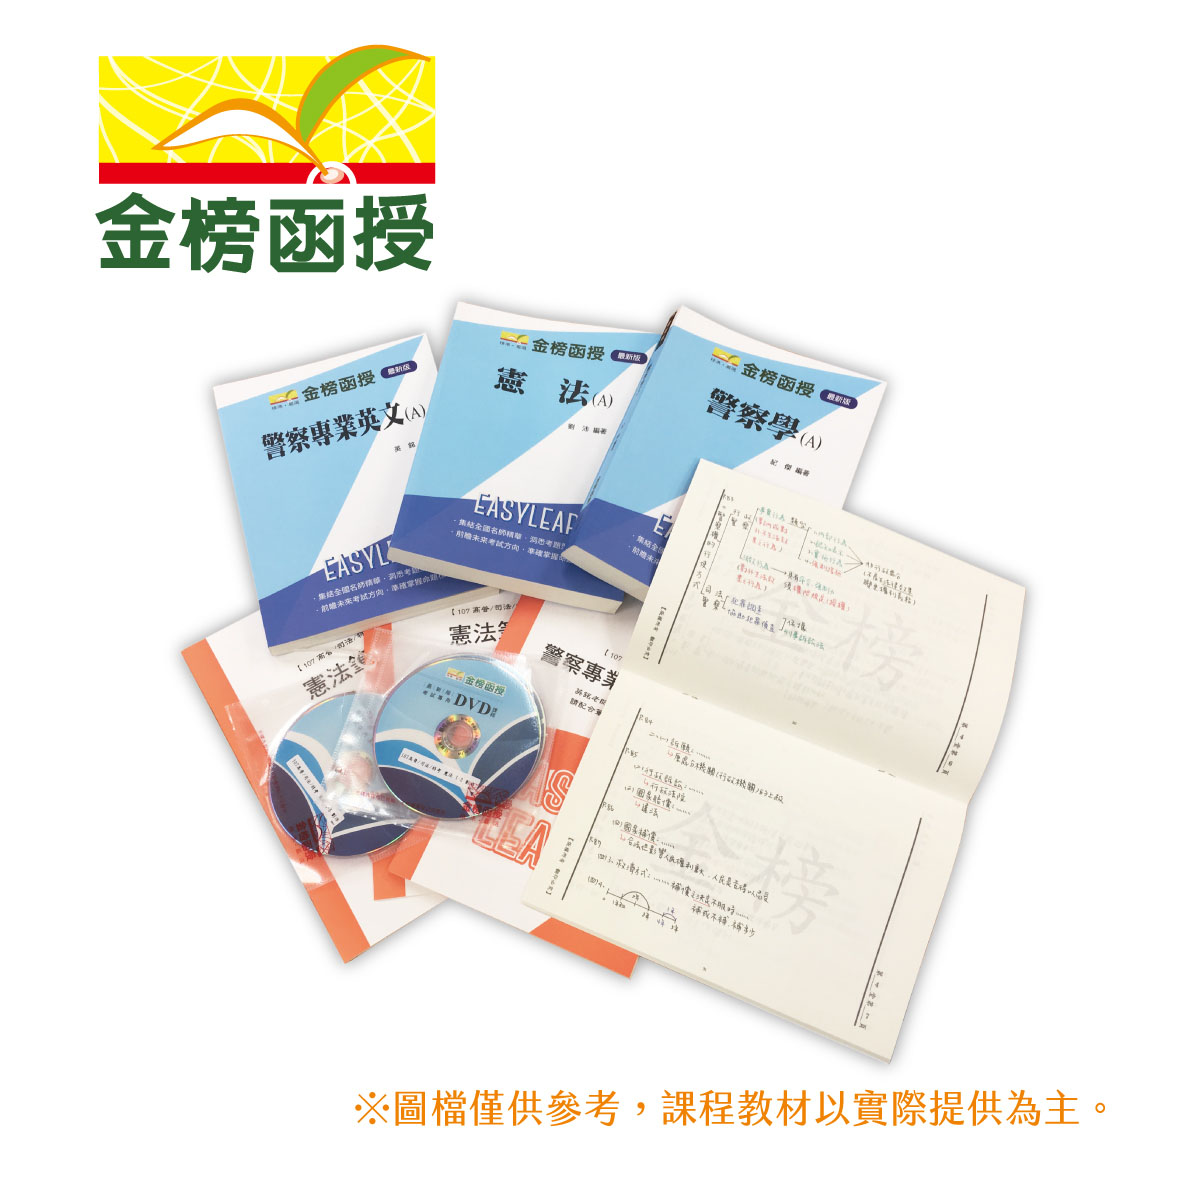 108金榜函授/初等考/全套/交通行政/书面